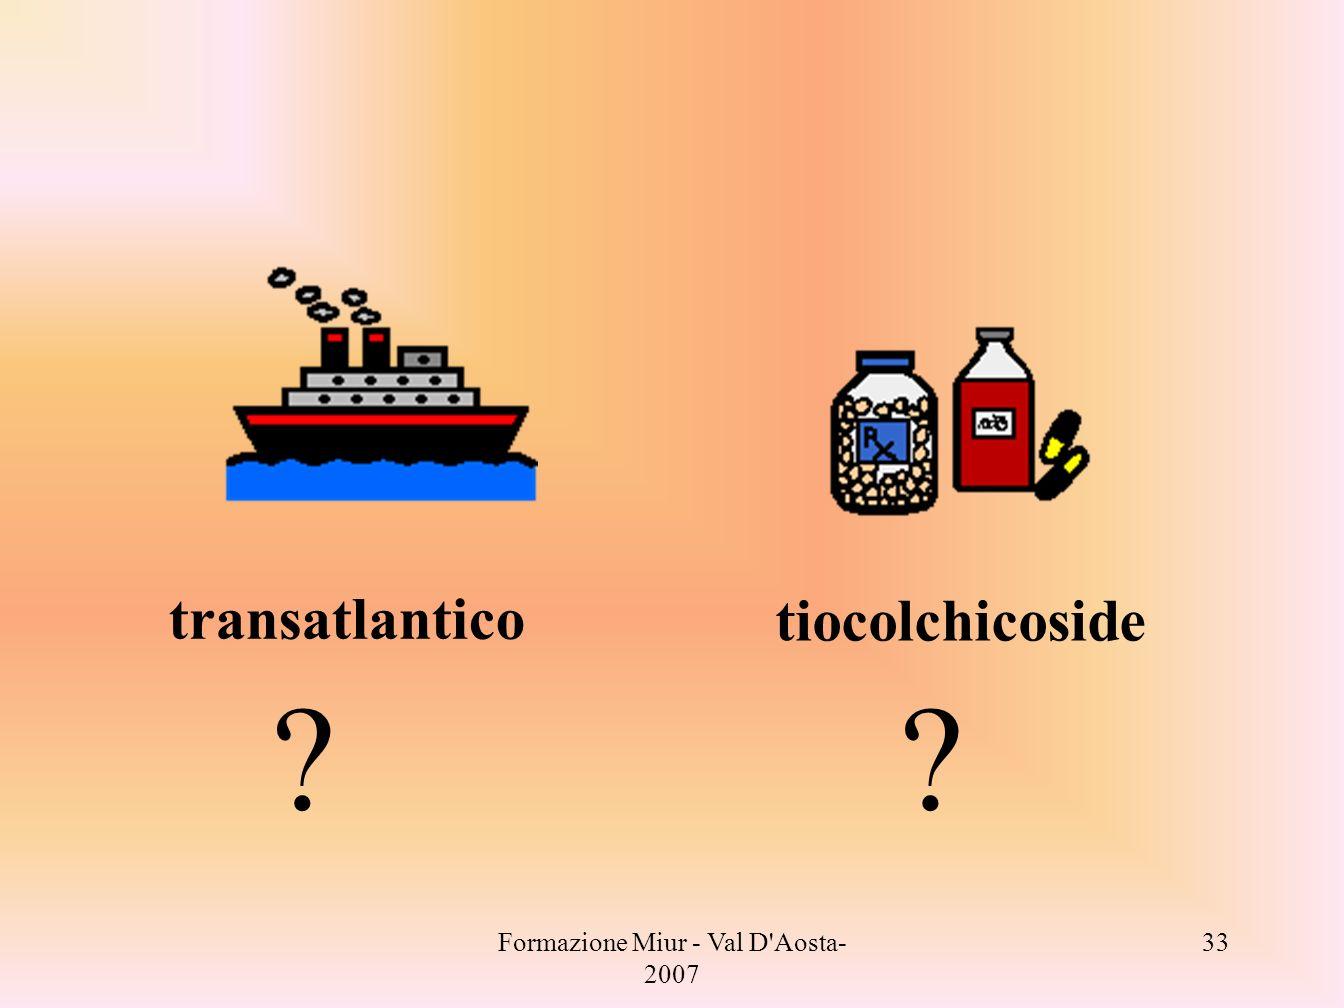 Formazione Miur - Val D'Aosta- 2007 33 transatlantico tiocolchicoside ??